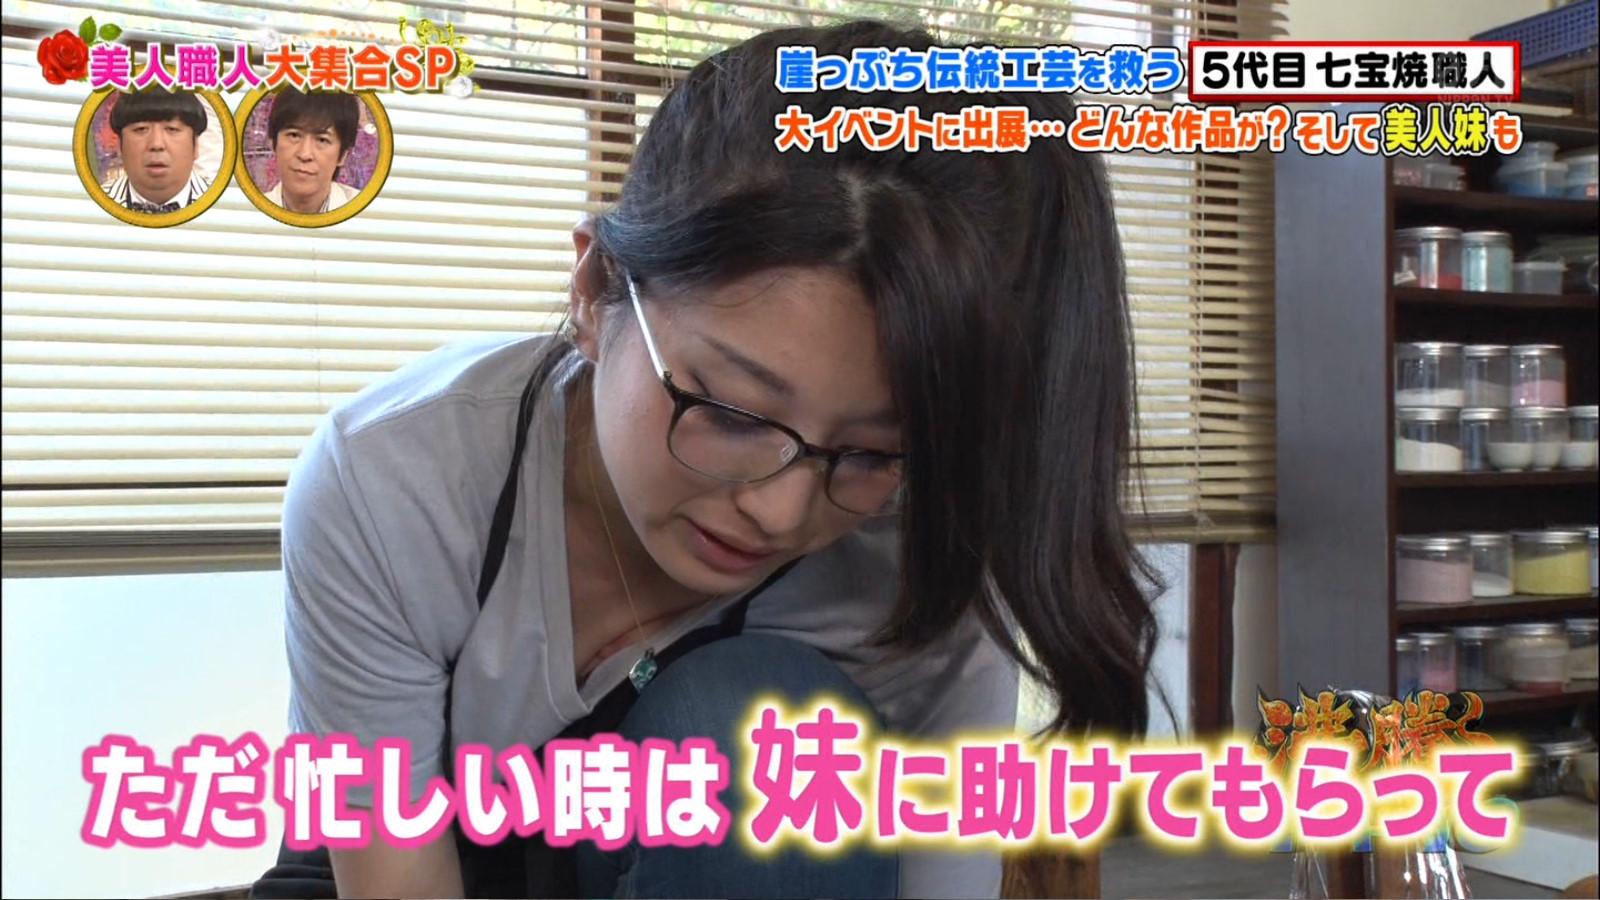 伝統芸能を救うメガネっ娘お姉さんの乳首がテレビに映るwwwwwwwwwww Ataf2Q8